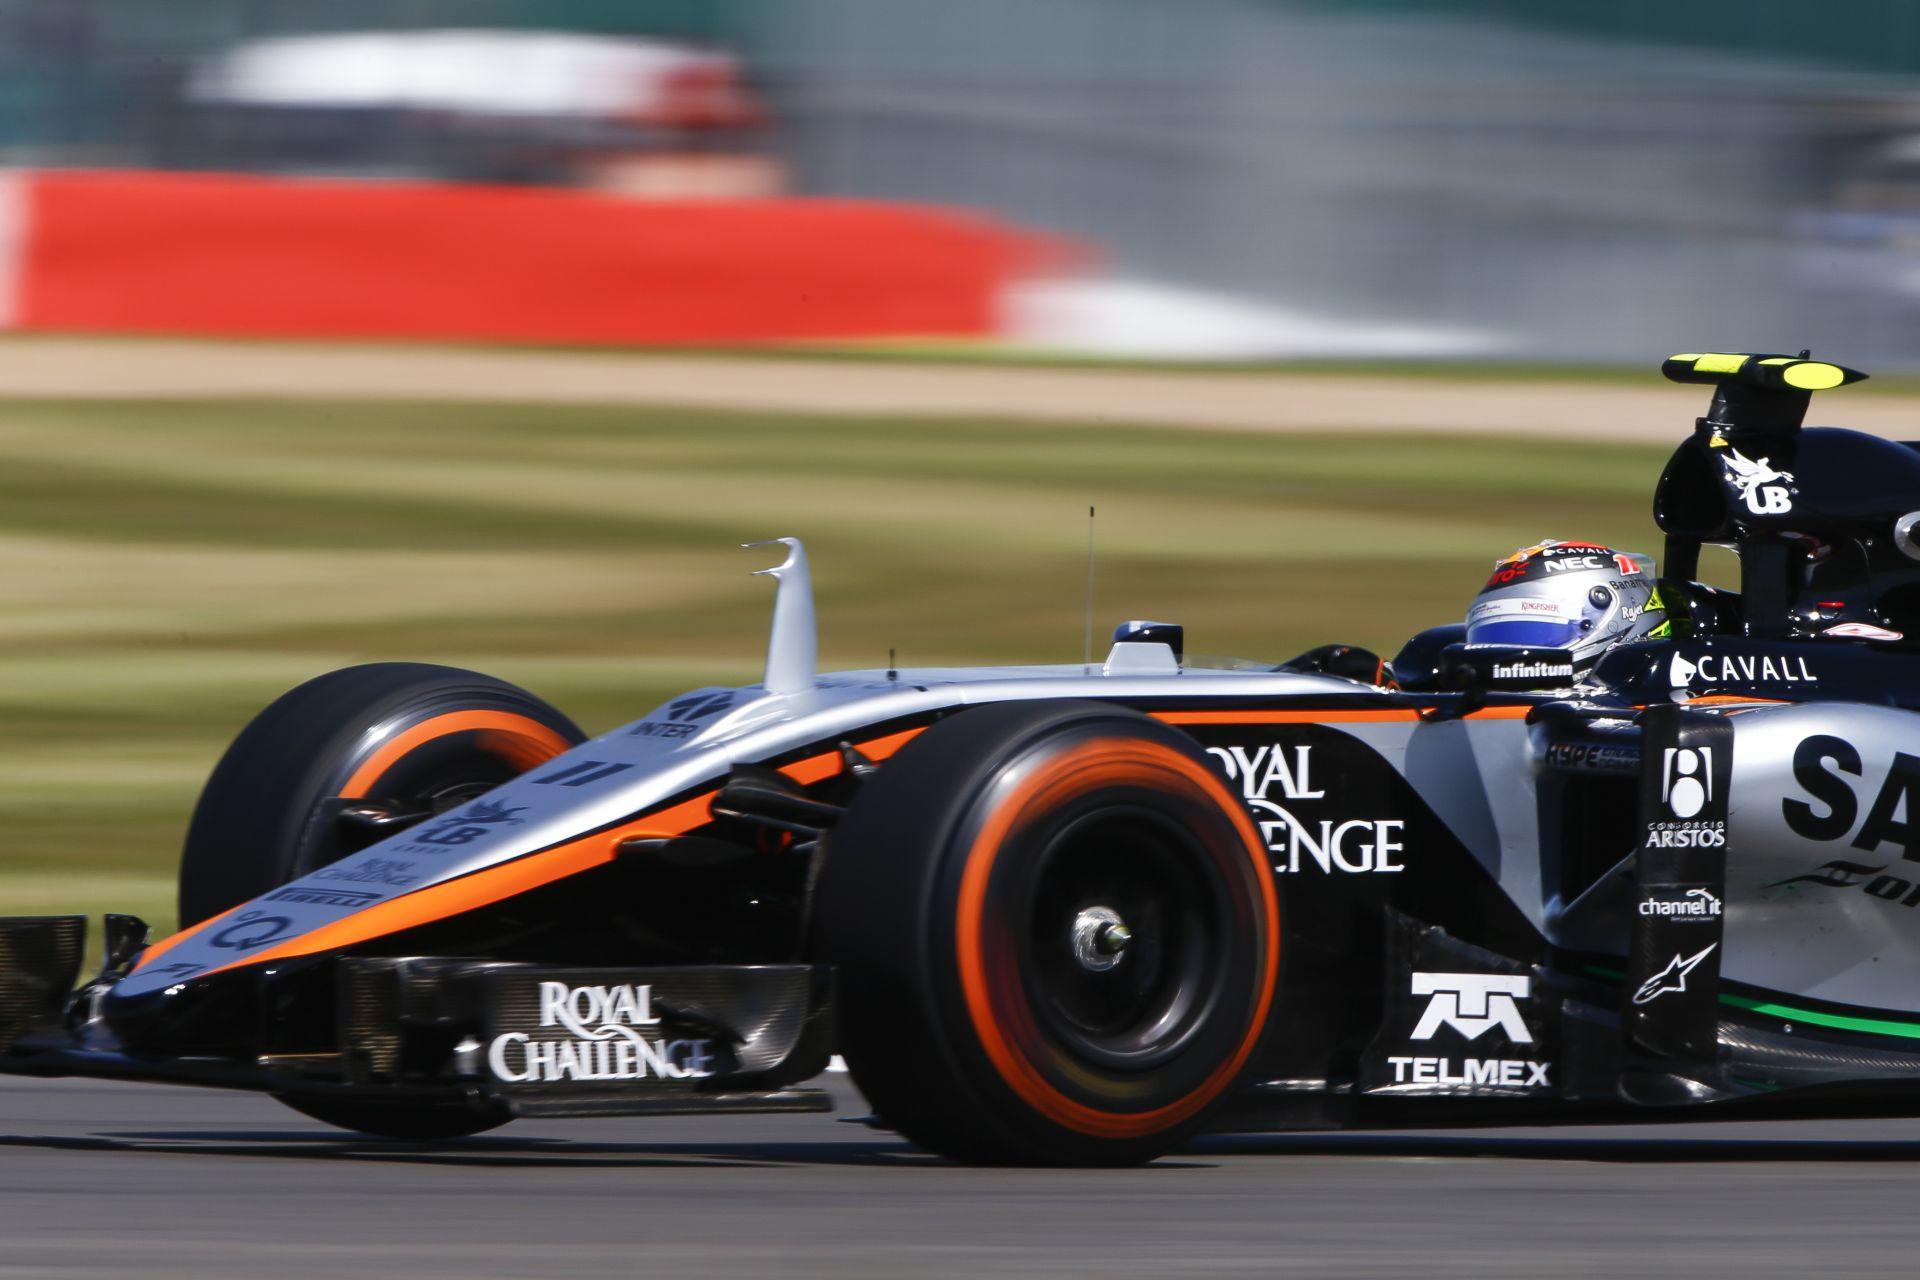 Ha ez így megy tovább, a Force India megérkezhet a Ferrari, vagy a Williams mögé